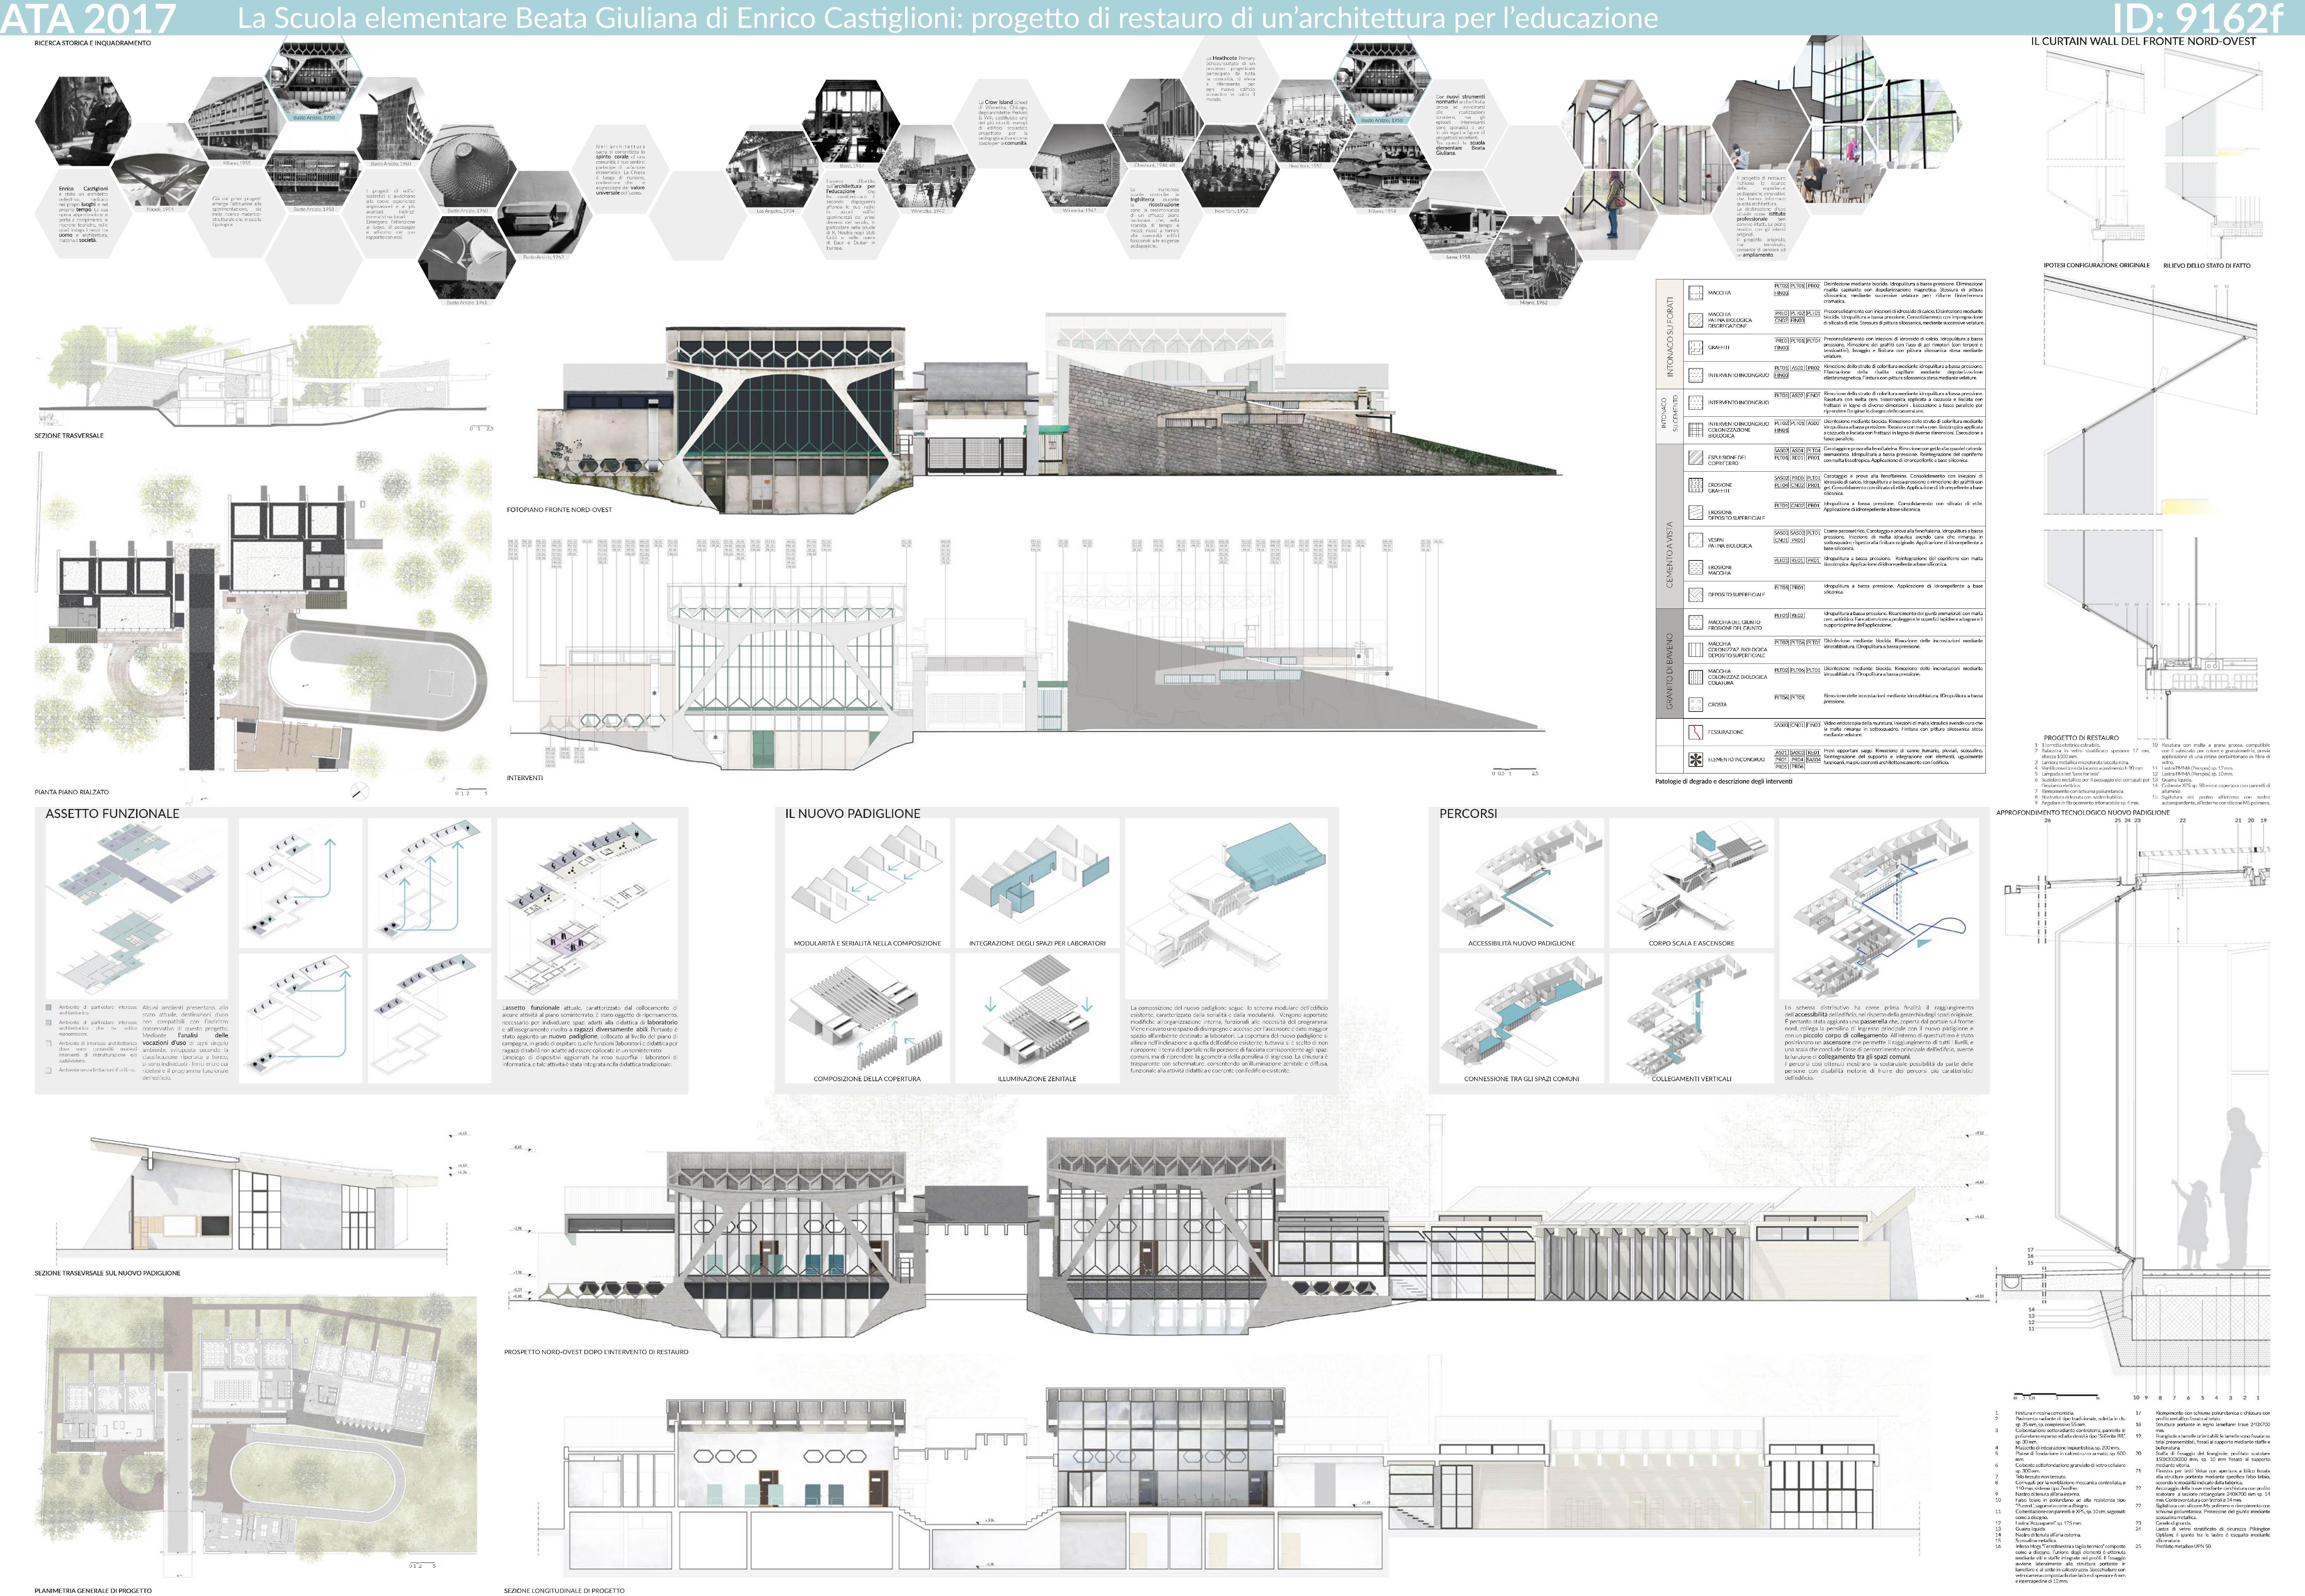 La scuola elementare Beata Giuliana di Enrico Castiglioni: progetto di restauro di un'architettura per l'educazione Board